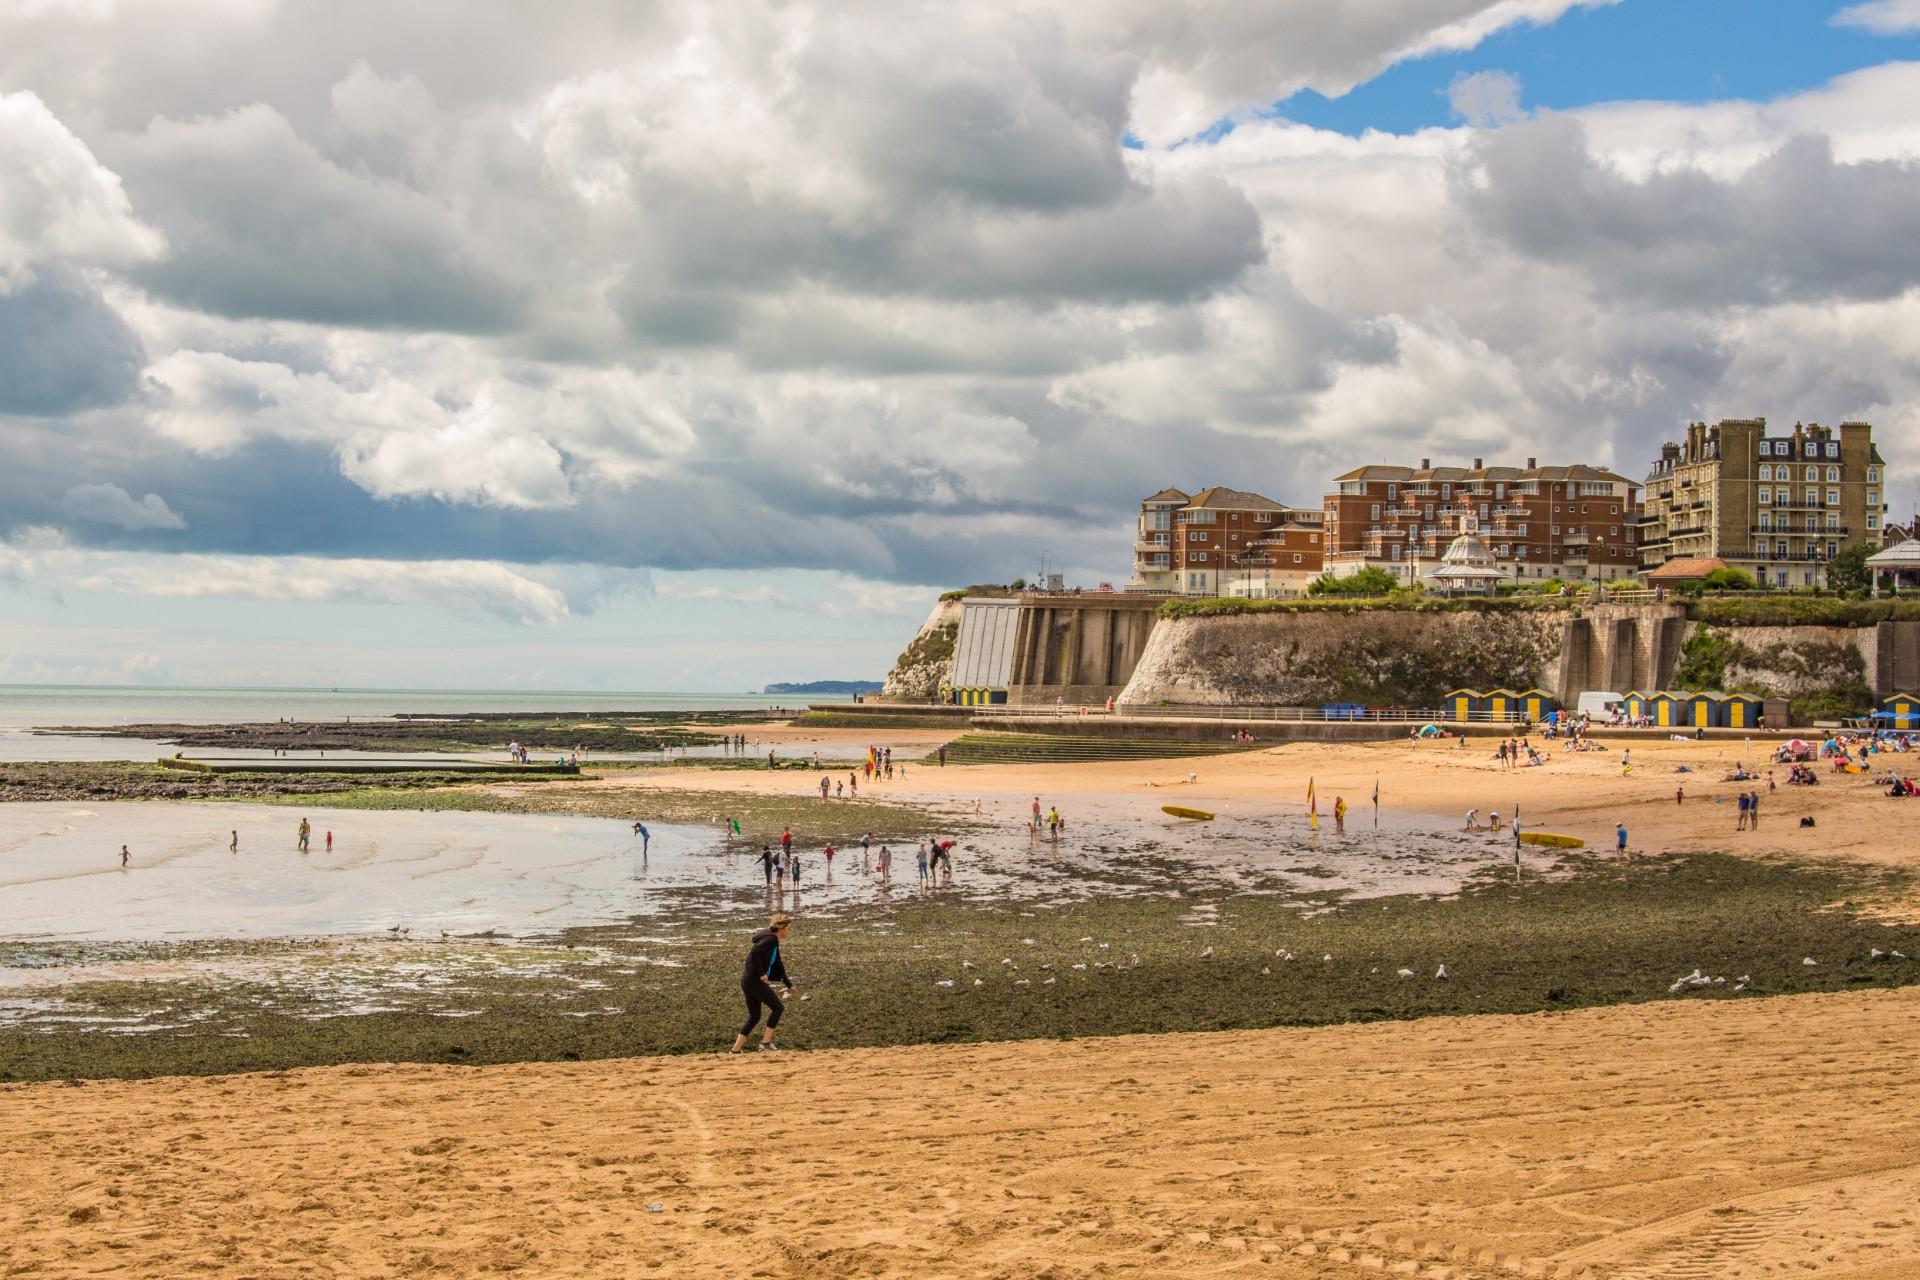 Kent, Wielka Brytania. To stamtąd wyprowadził się Sebastian razem z rodziną (fot: Shutterstock.com)